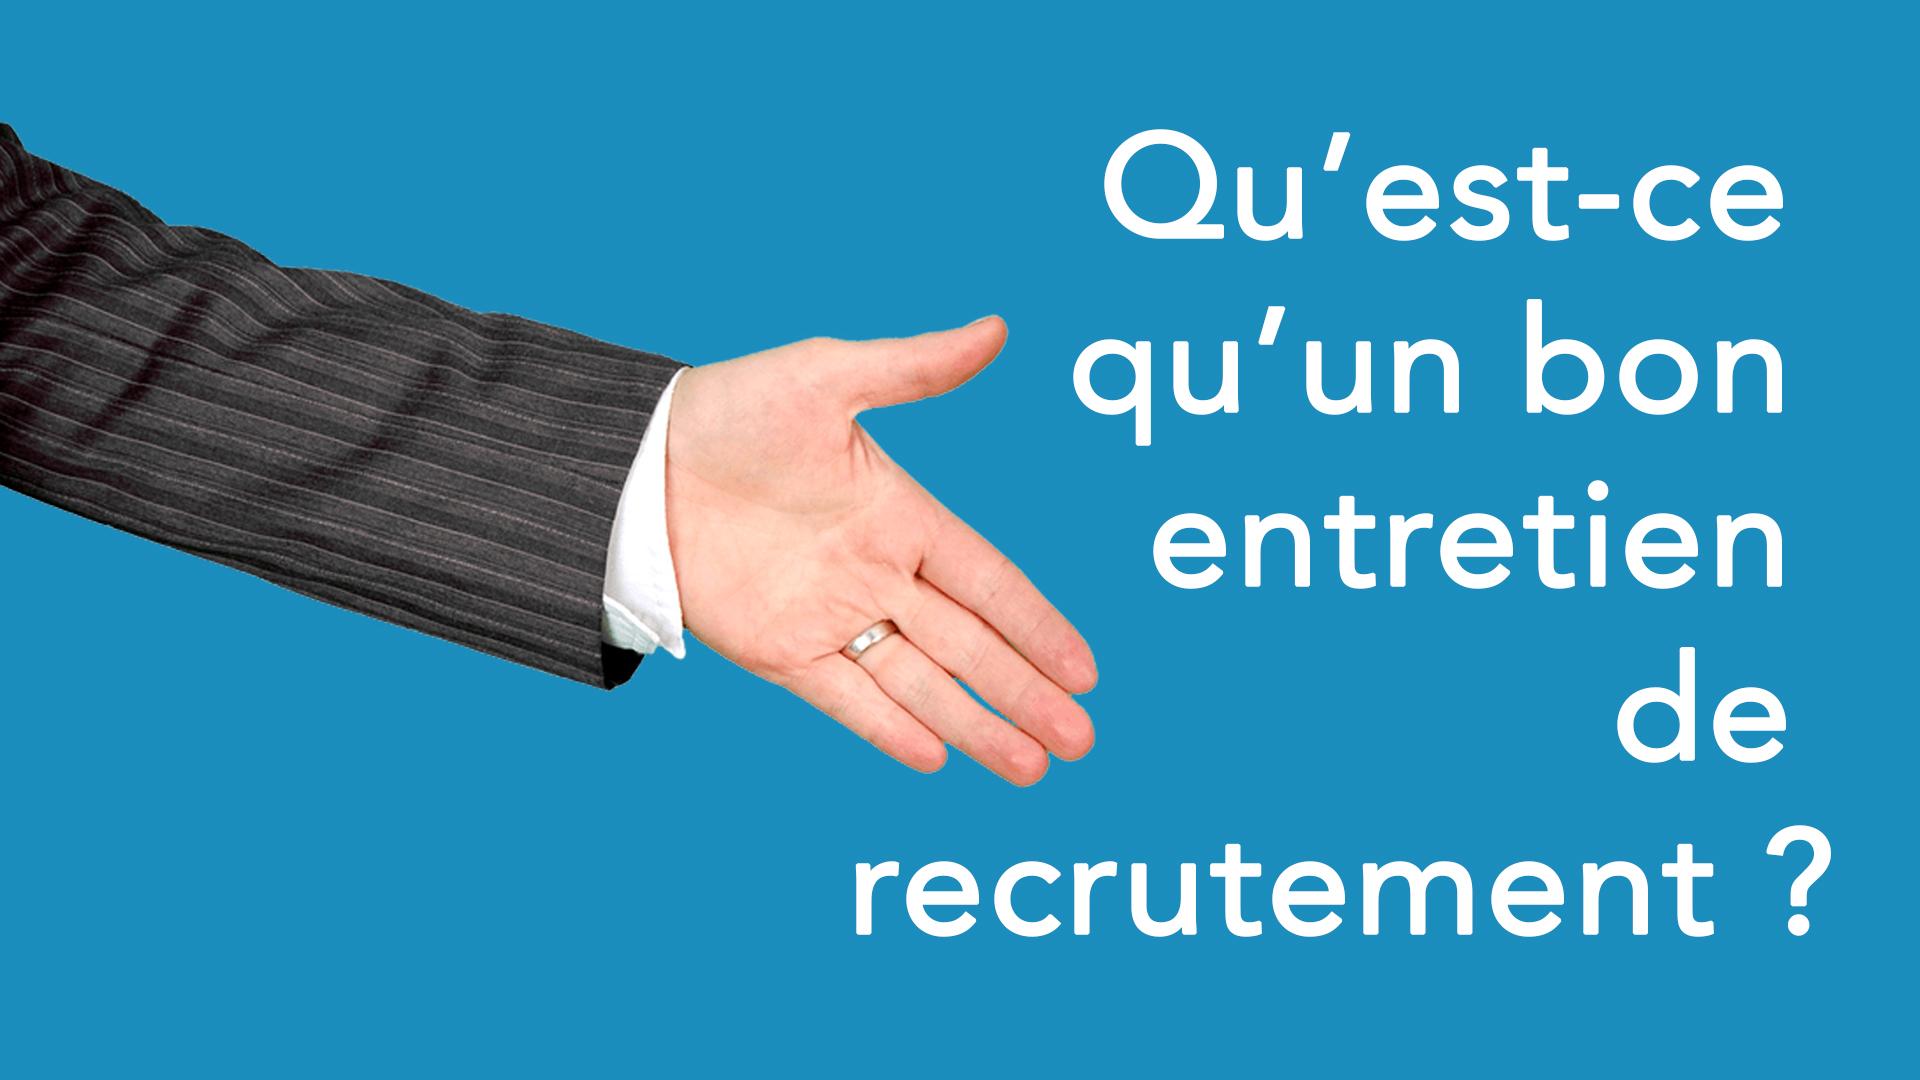 Qu'est-ce qu'un bon entretien de recrutement ?